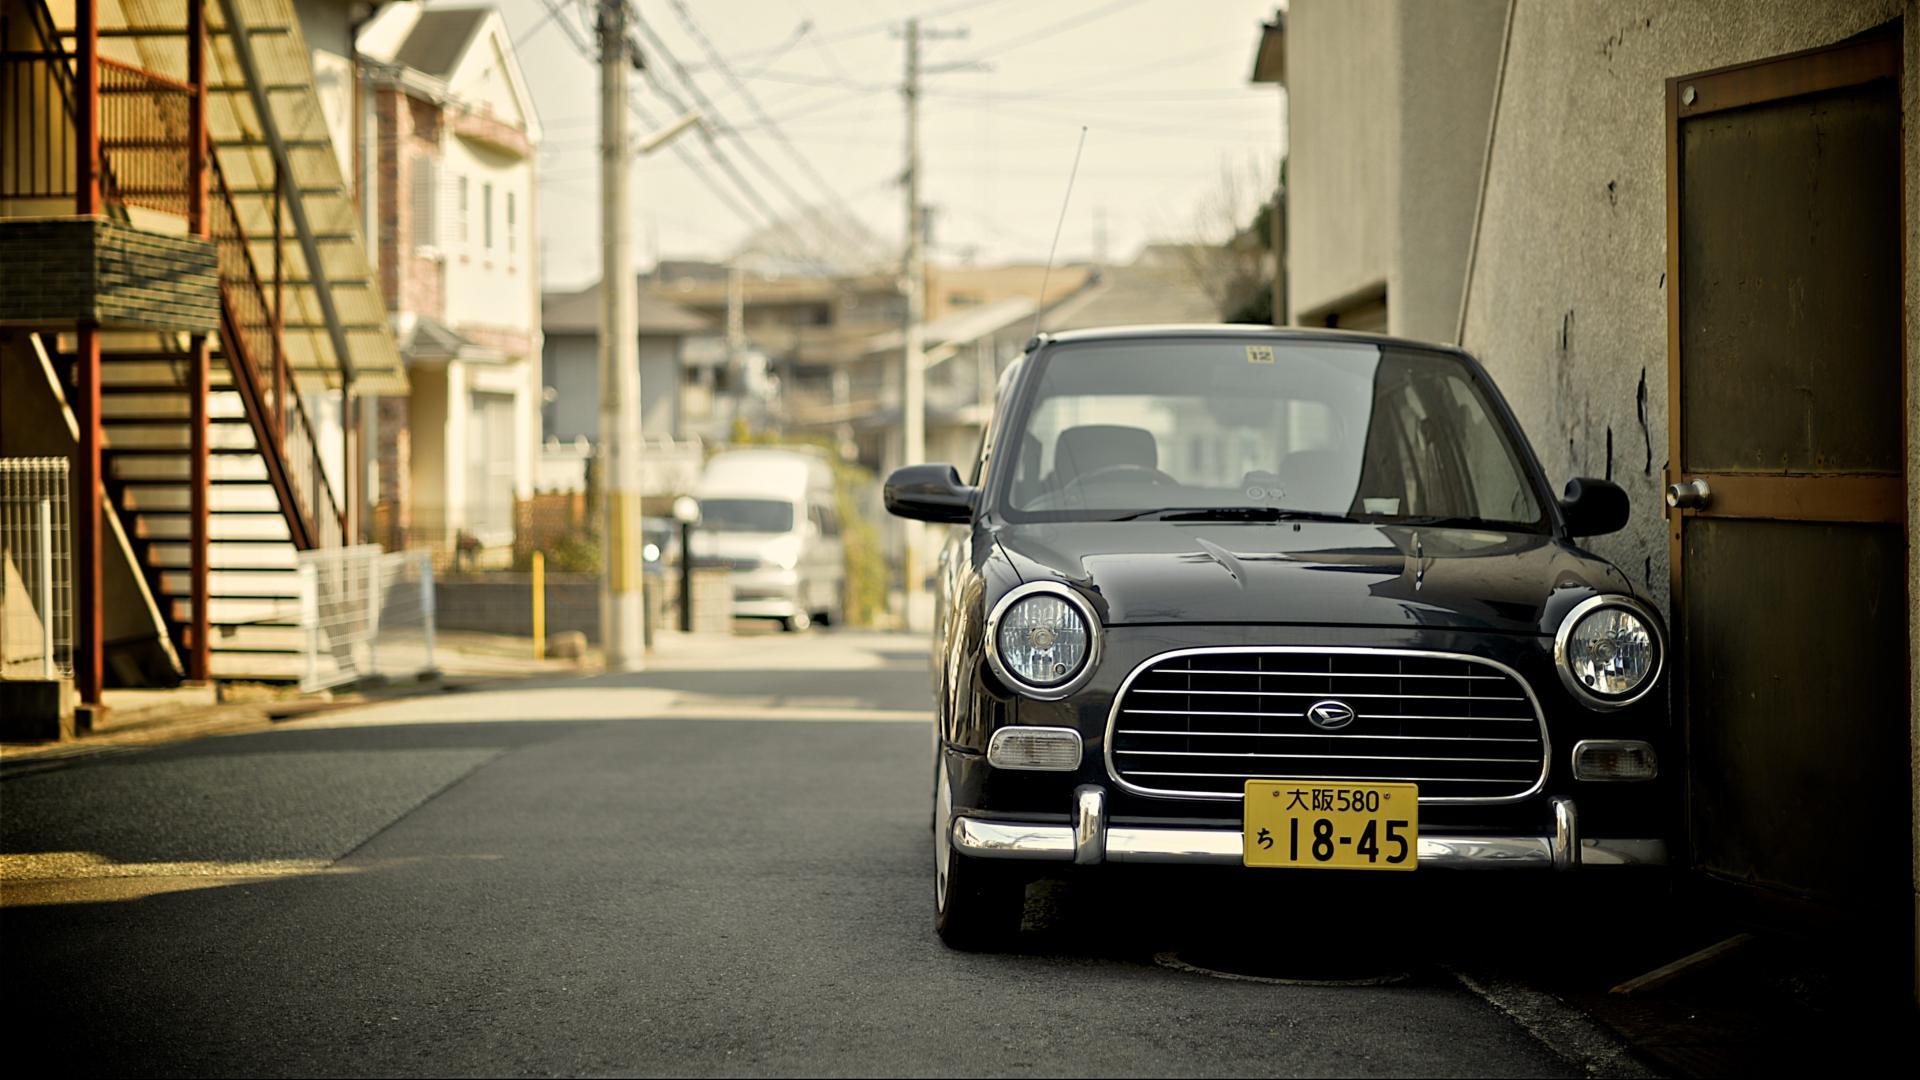 47bfe27522e Een auto huren in Japan doe je niet om te rijden - TopGear NL